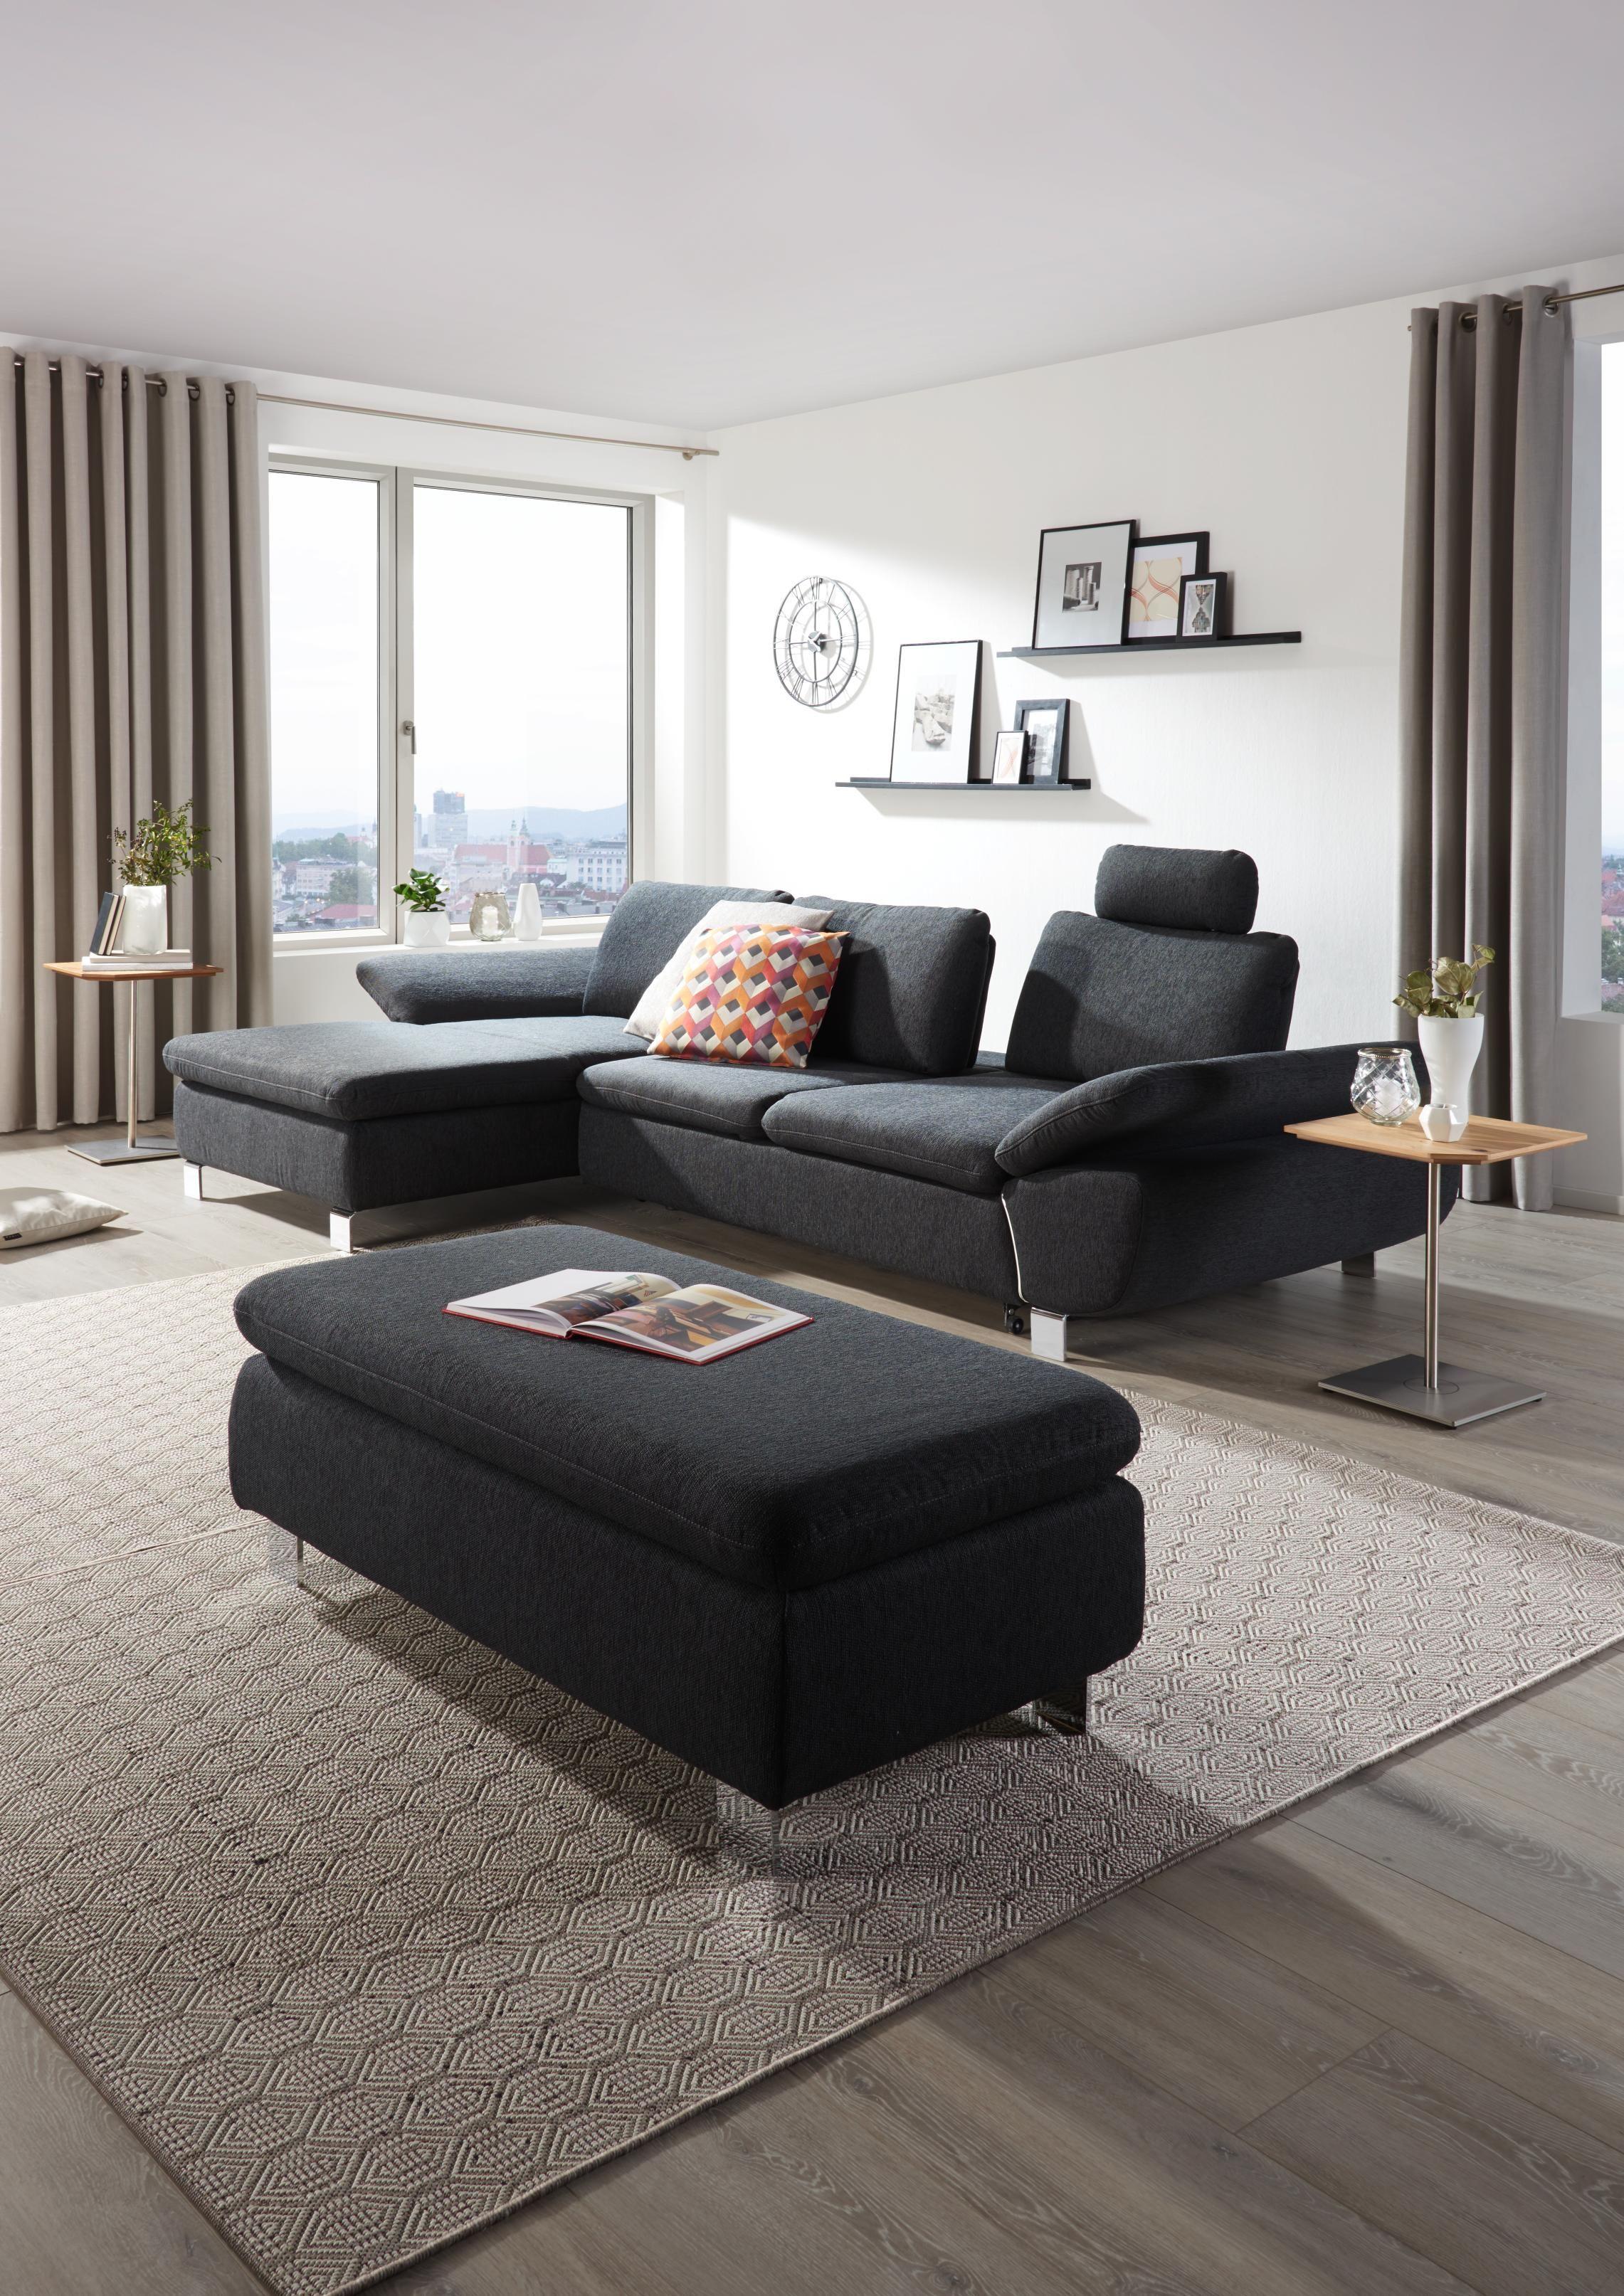 Wohnlandschaft In Grau Textil Von Venda Sofas Couches Sofa